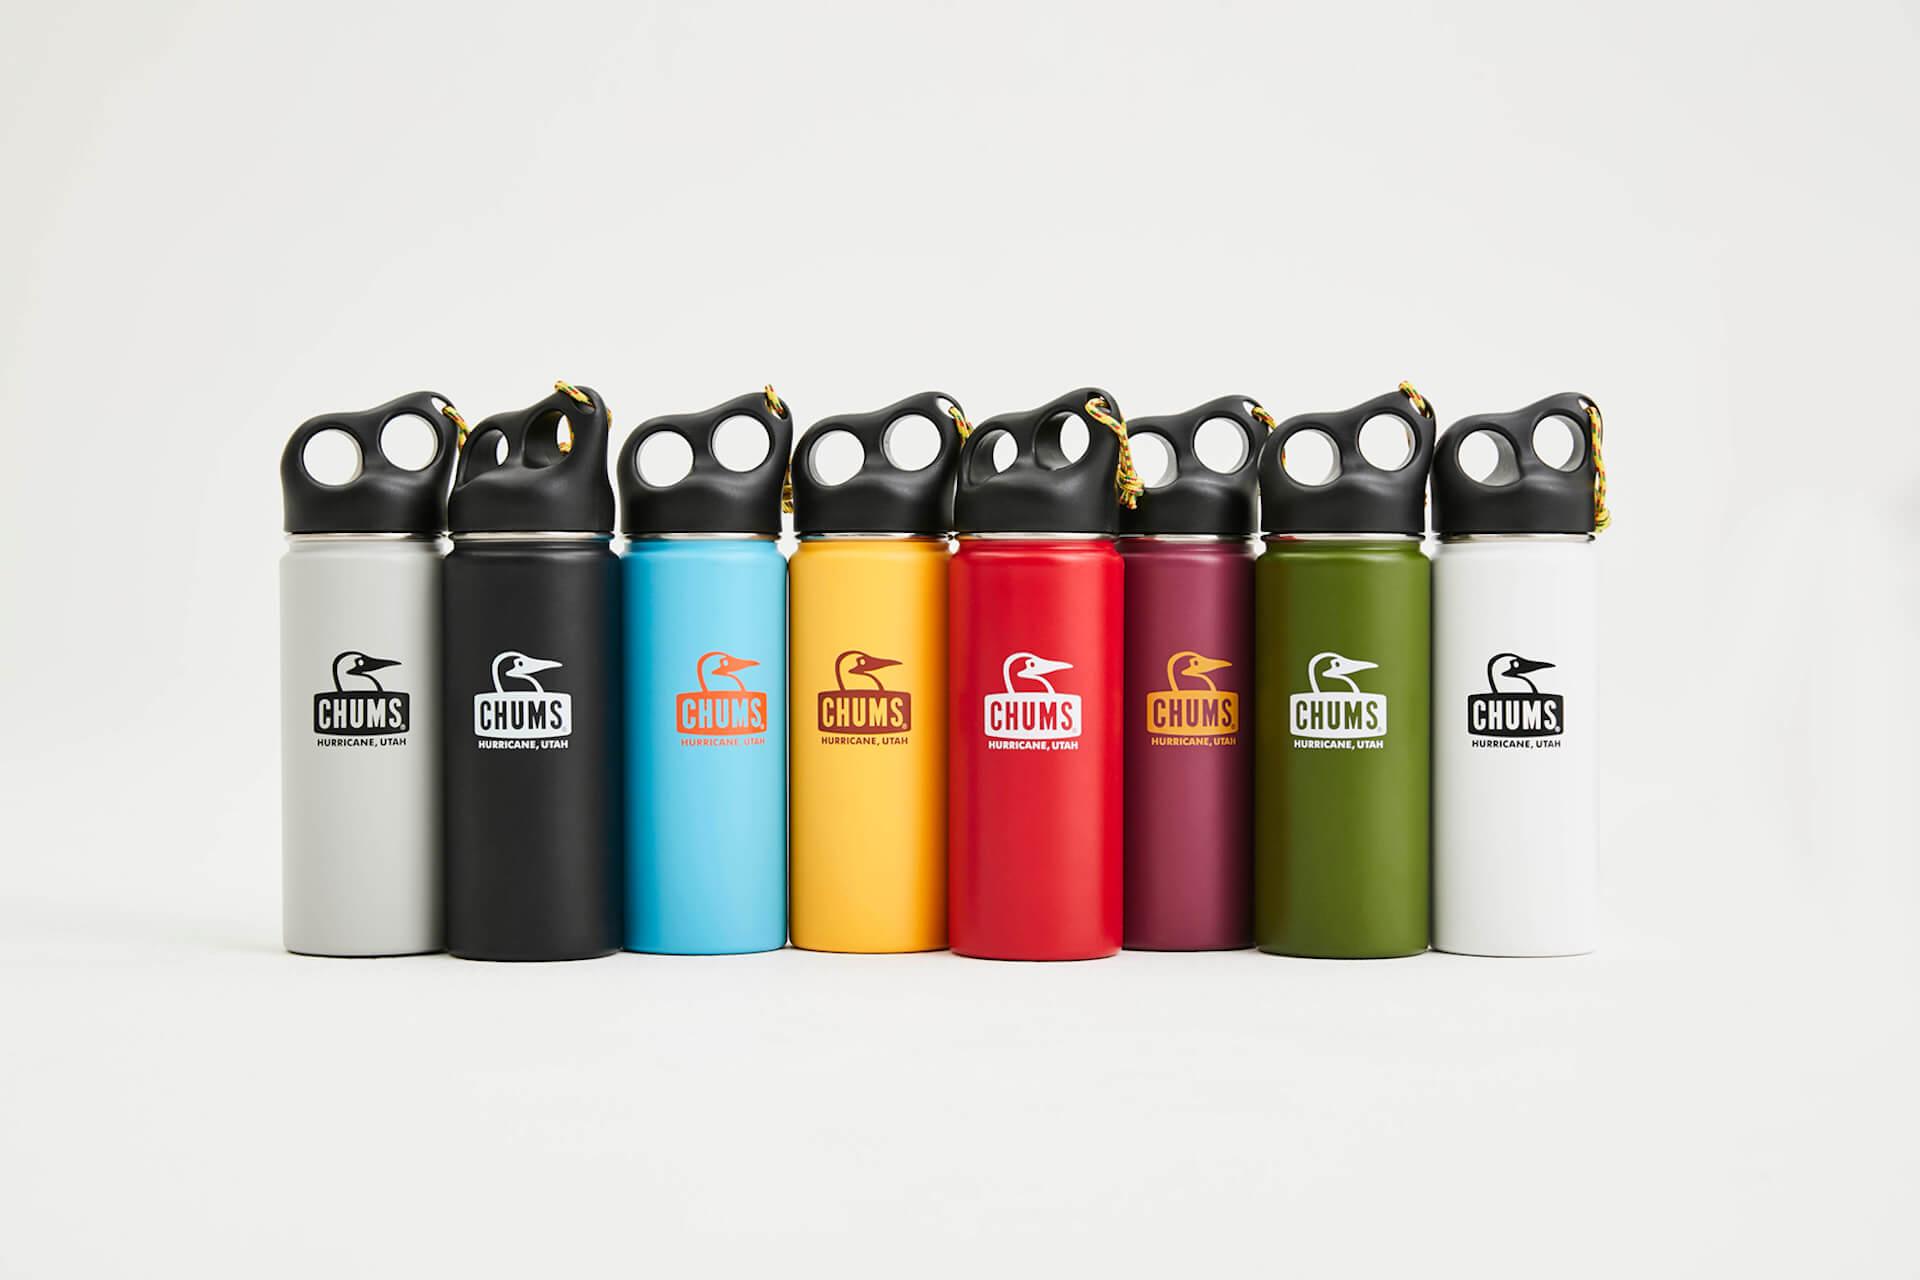 チャムスから環境に優しいカラフルでポップな3サイズ全8色のステンレスボトルが登場 camperstainlessbottle550